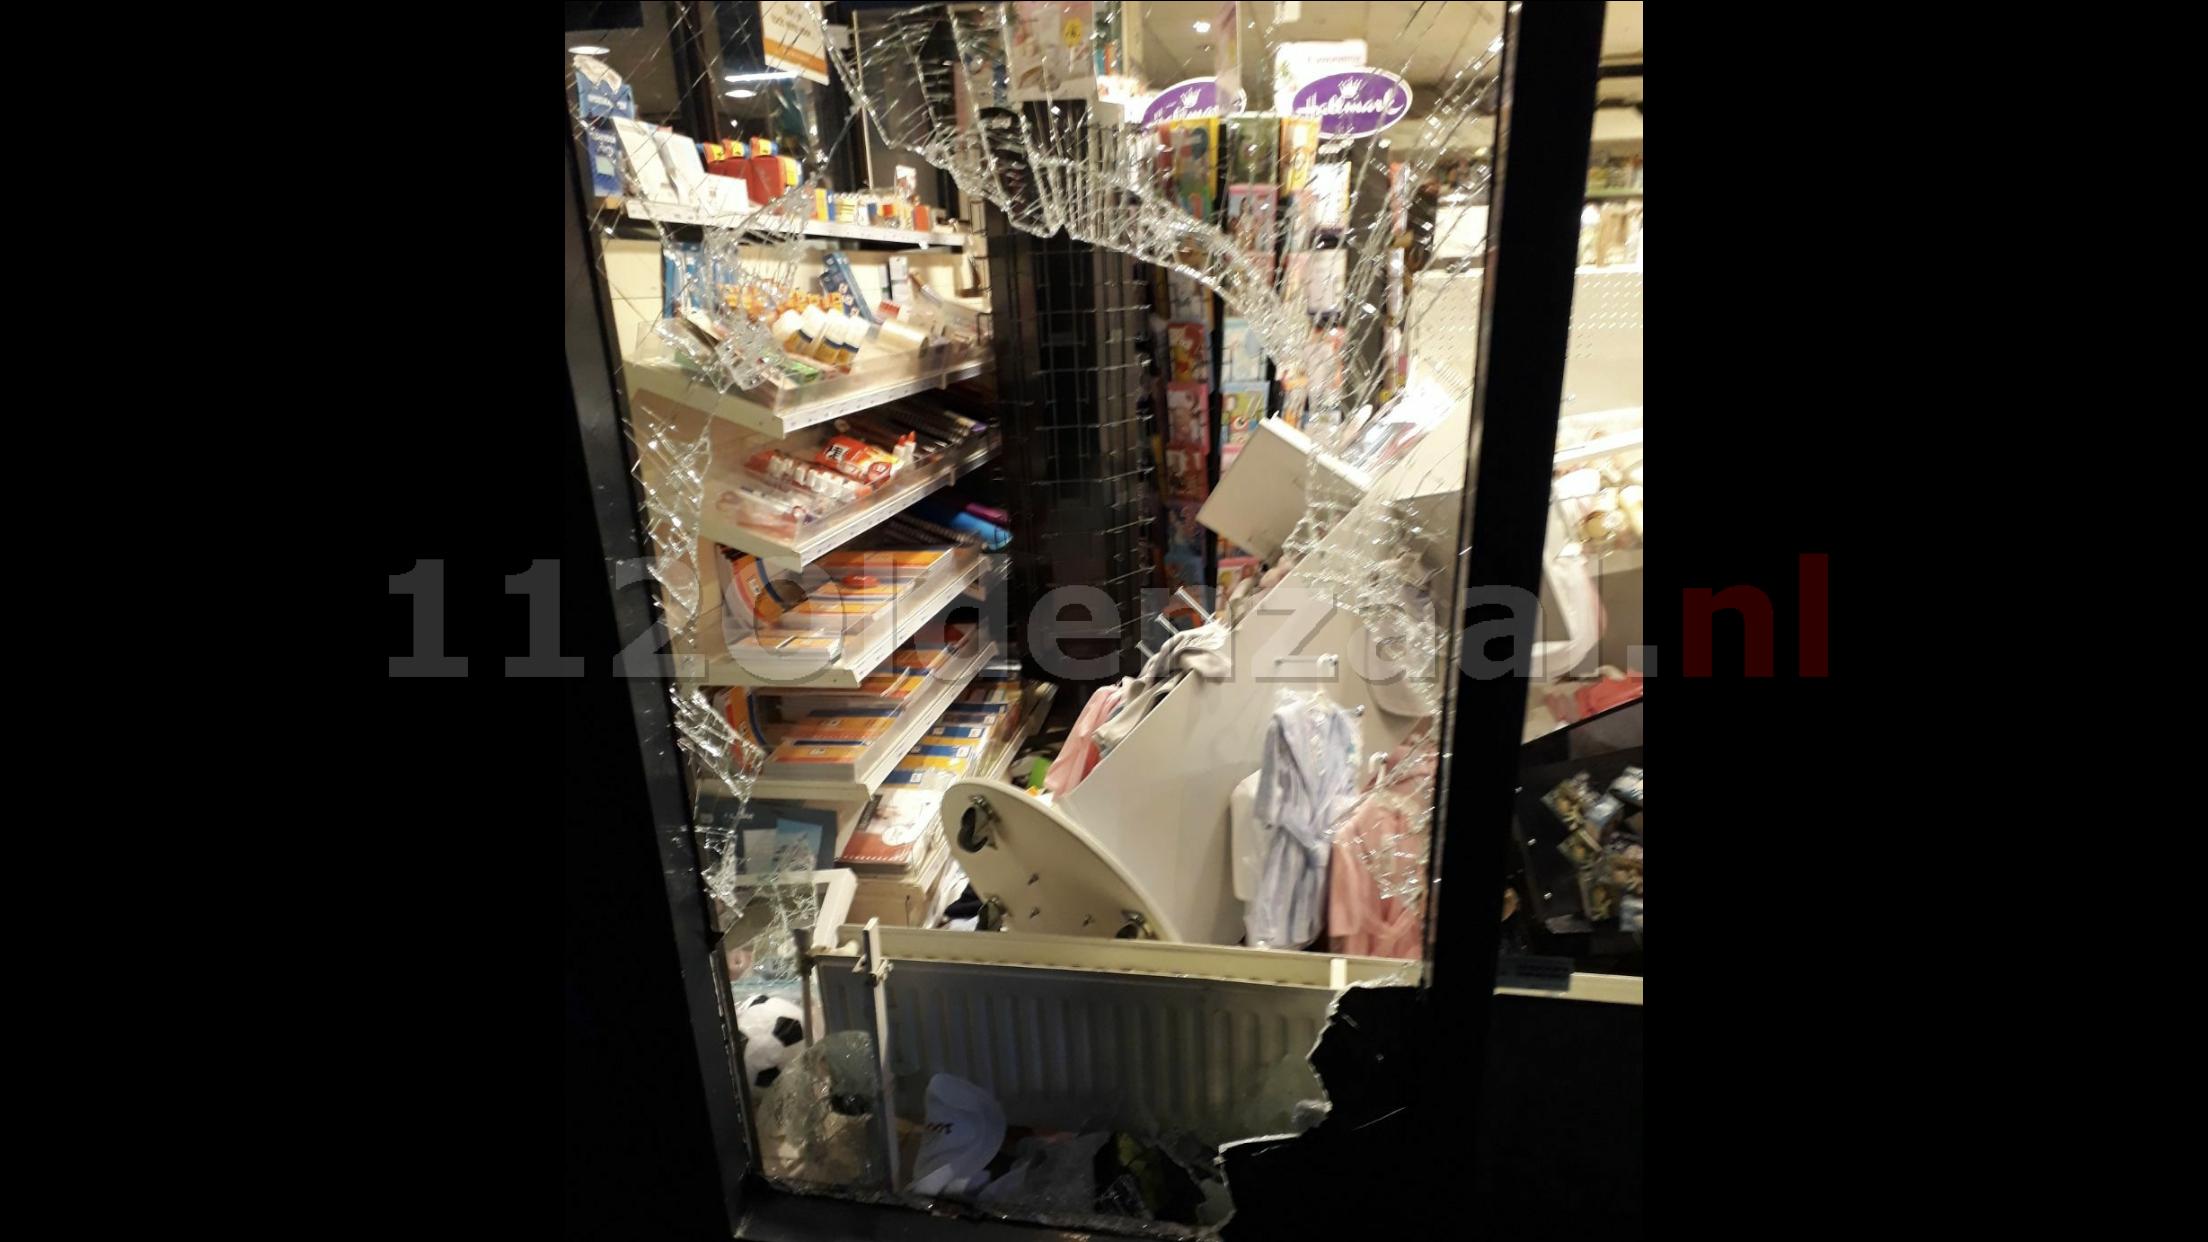 Foto: Inbrekers laten ravage achter na inbraak bij winkel op winkelcentrum De Thij in Oldenzaal